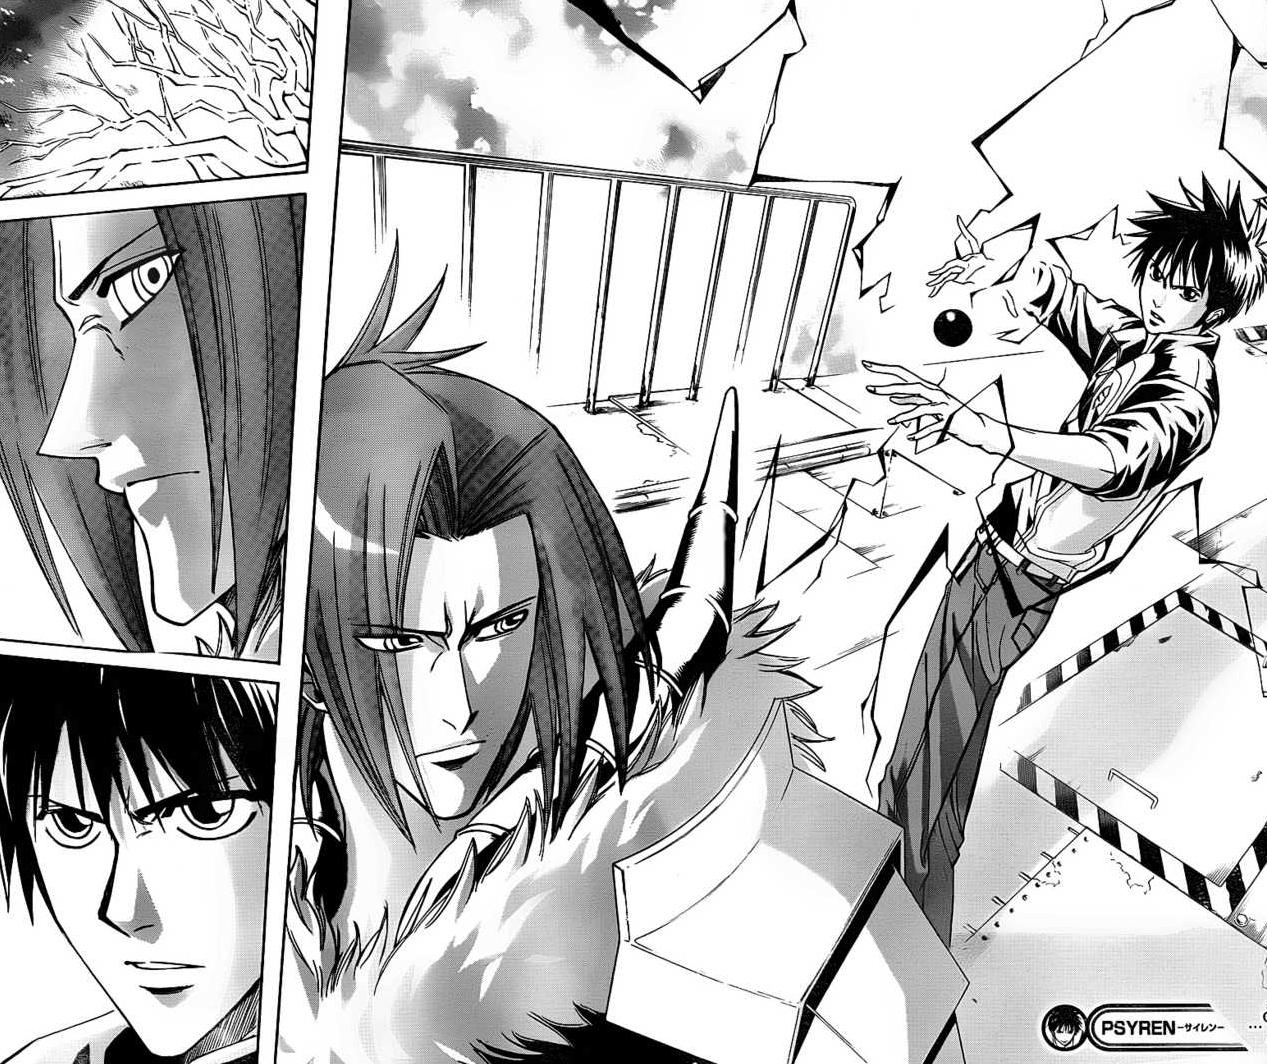 Deretan Manga Tahun 2000-an yang Terkenal Pada Masanya 6